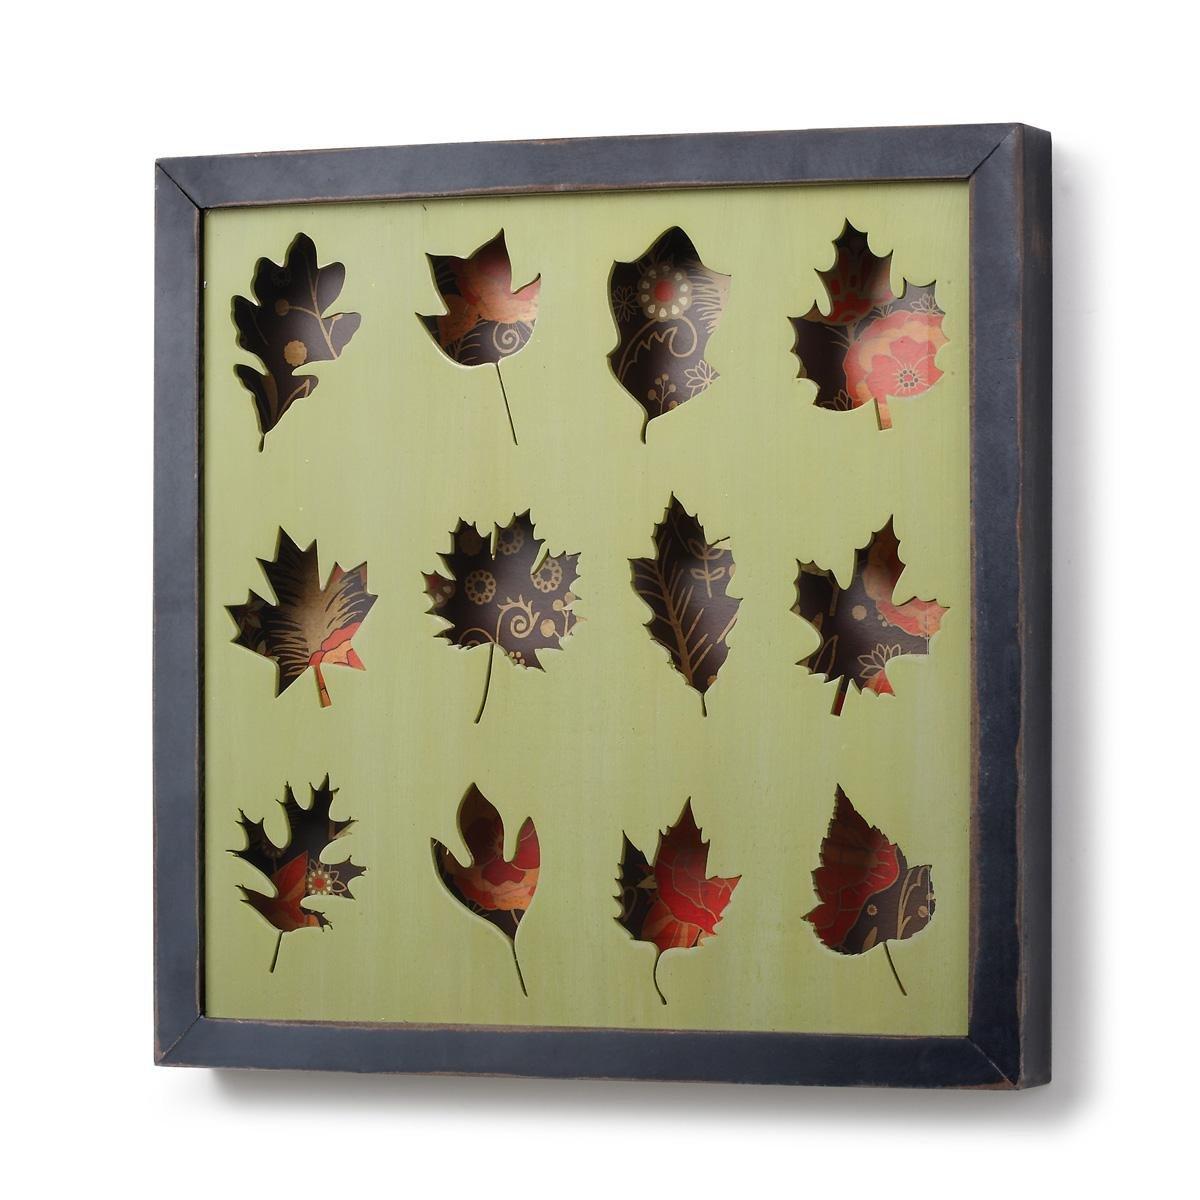 Amazon.com - DEMDACO Leaf Framed Shadow Box -